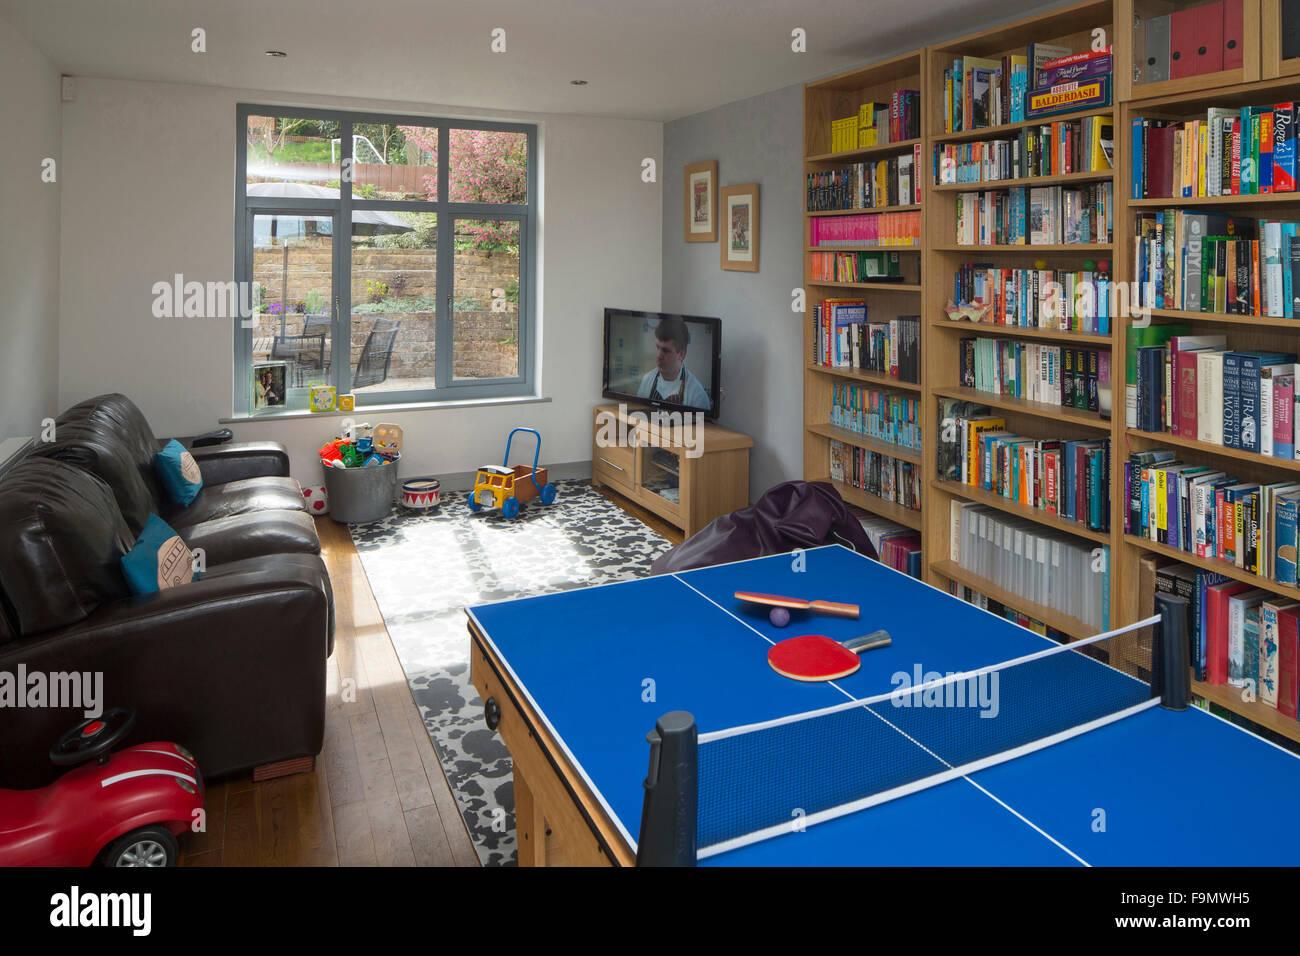 Montrant de jeux table de ping-pong, des bibliothèques et des jouets dans une maison familiale moderne. Photo Stock